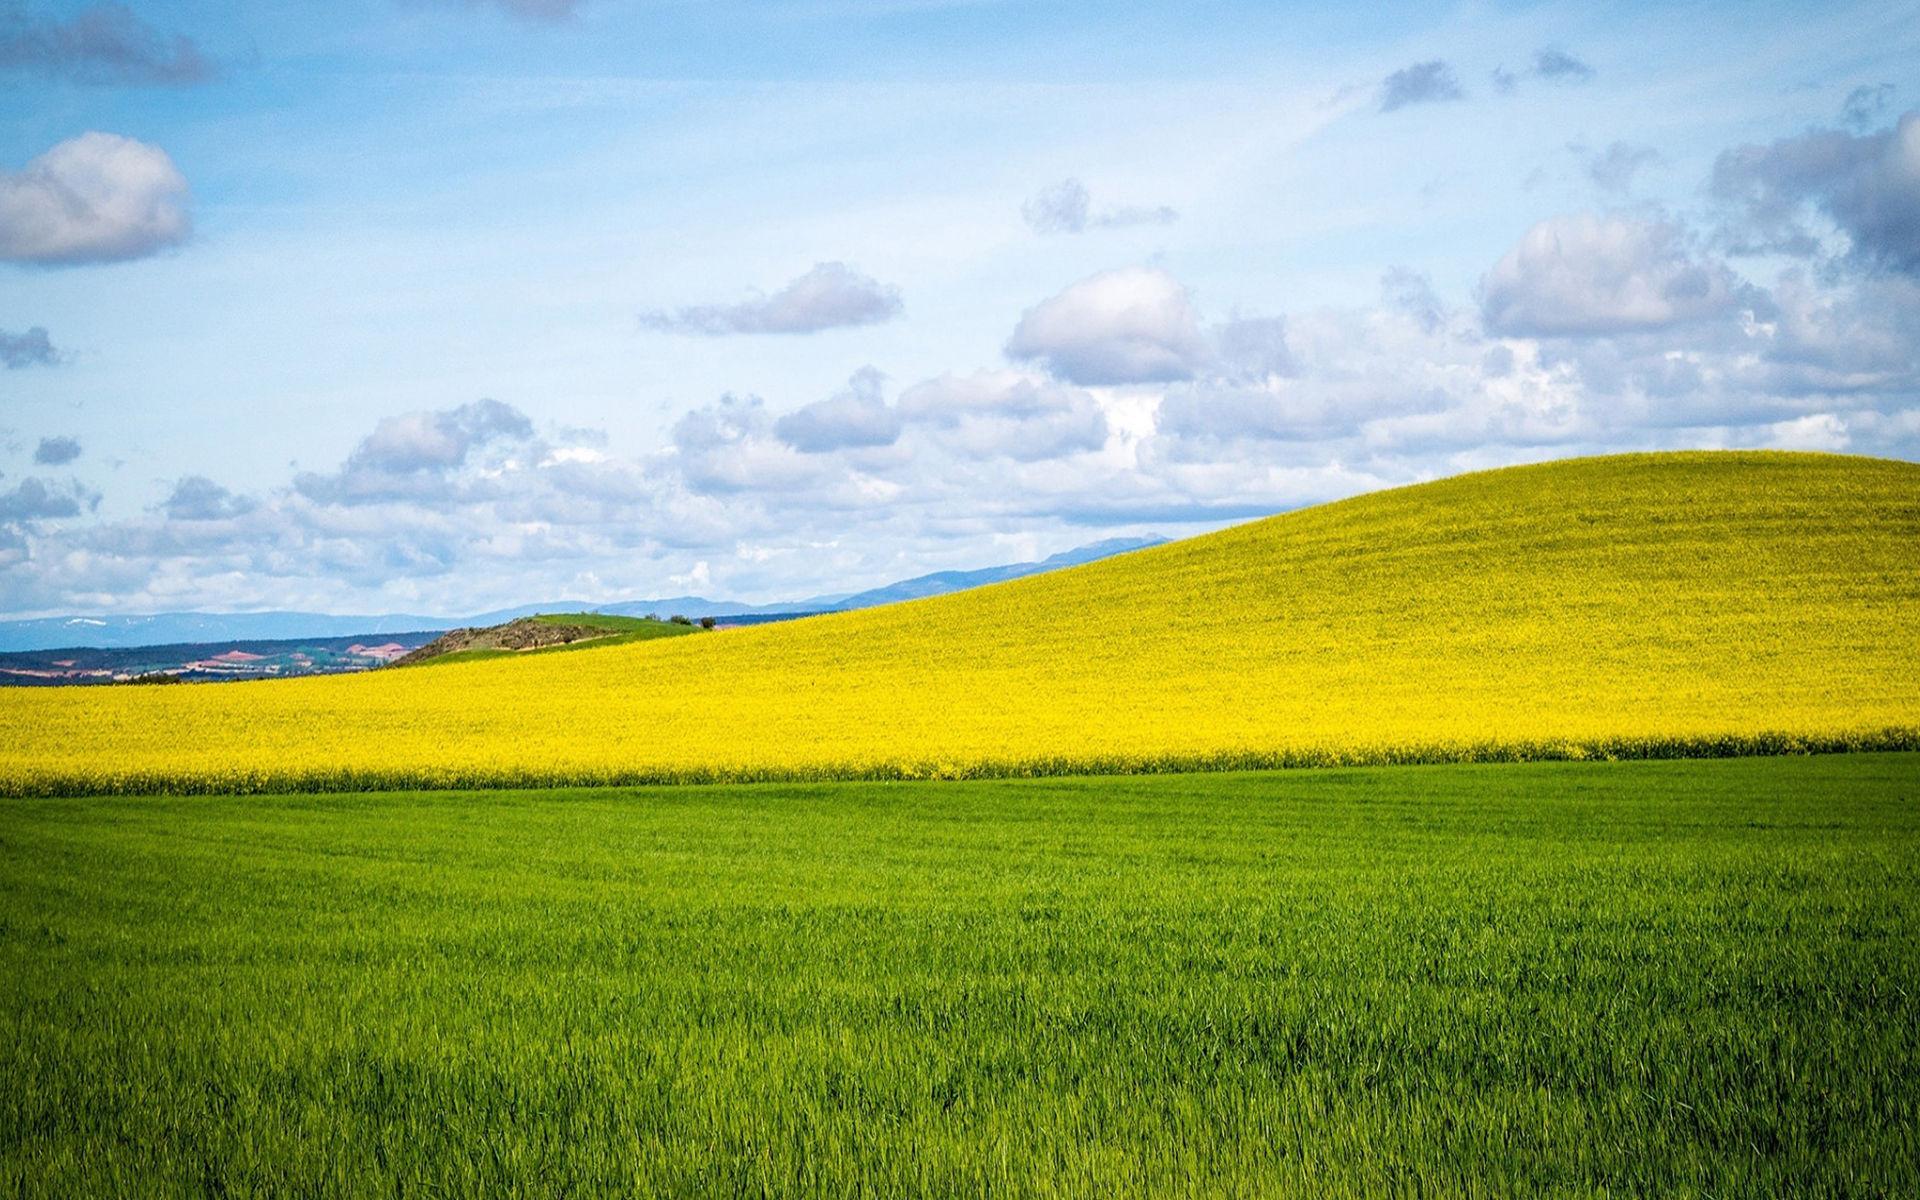 大自然风景超清电脑桌面壁纸图片